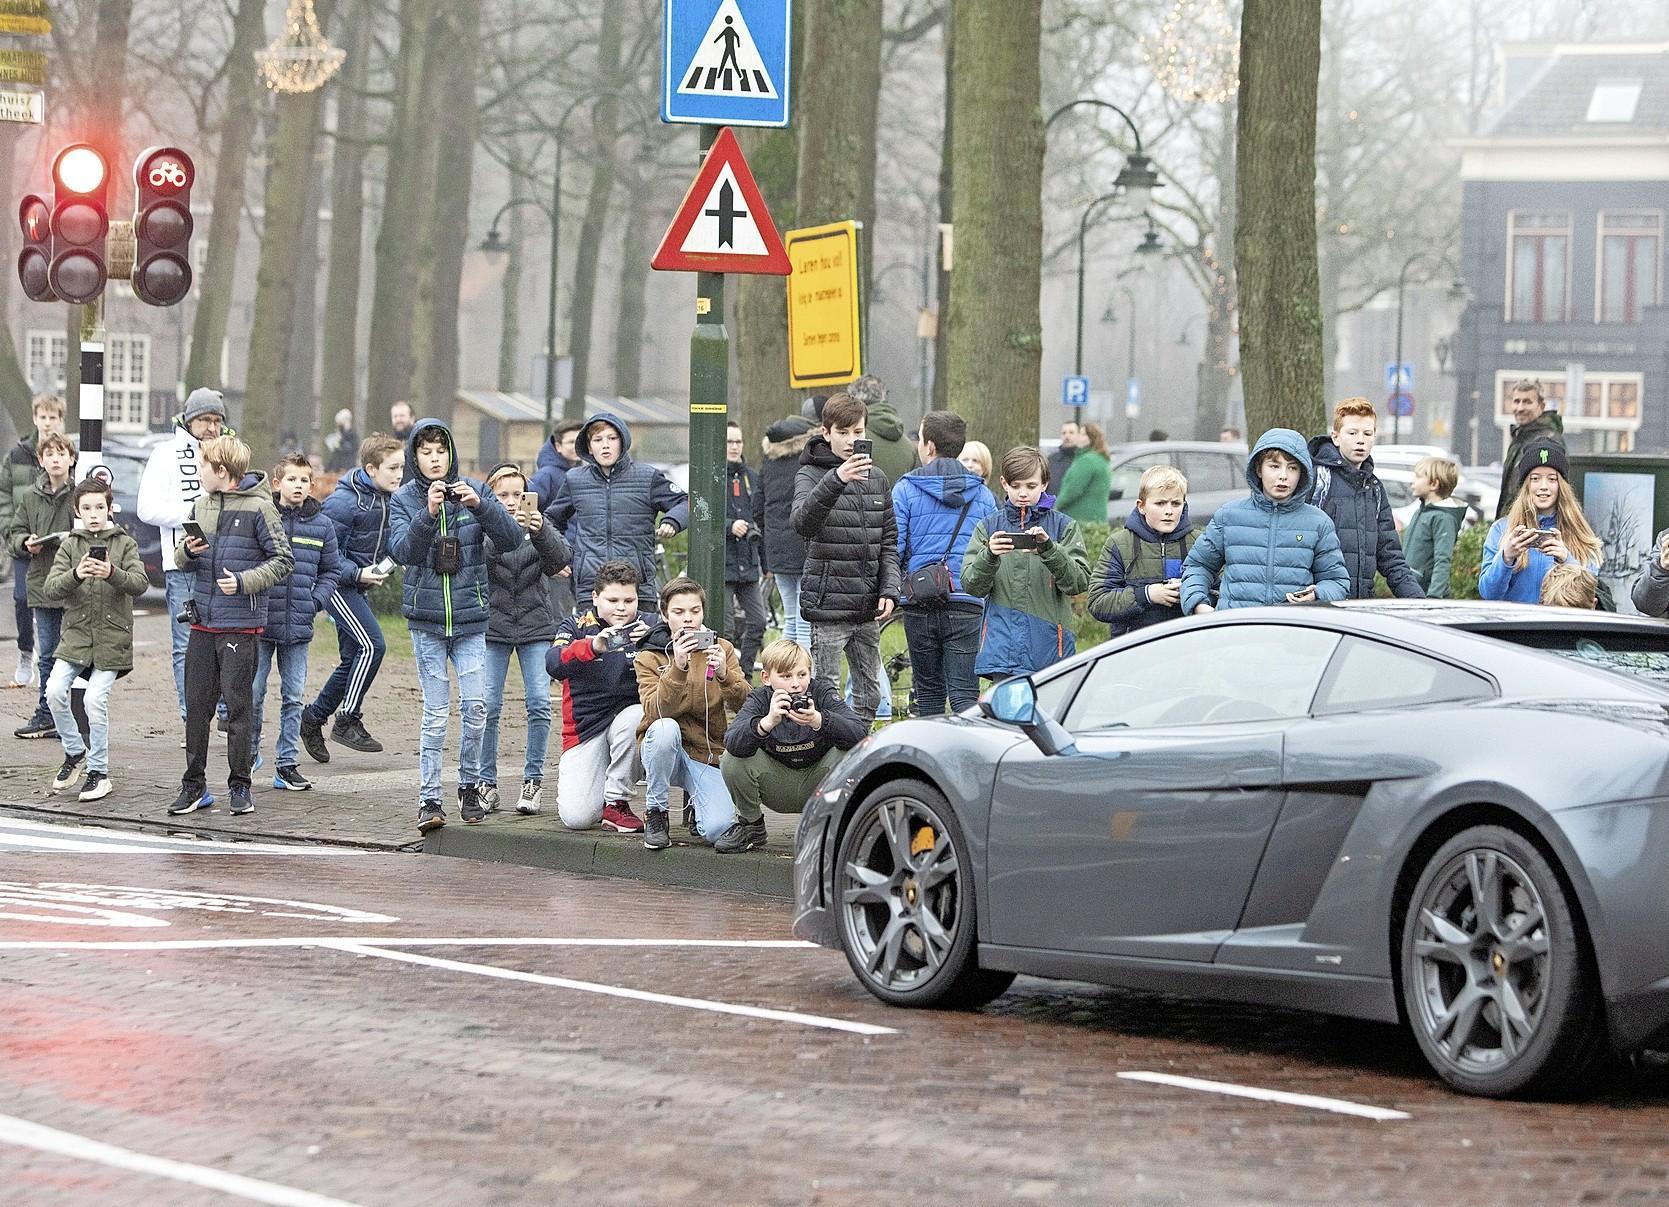 Laren legt autospotters en hard optrekkende 'pronkwagens' aan banden, grote kans op fikse boete: 'De tijd van pappen en nathouden is voorbij'